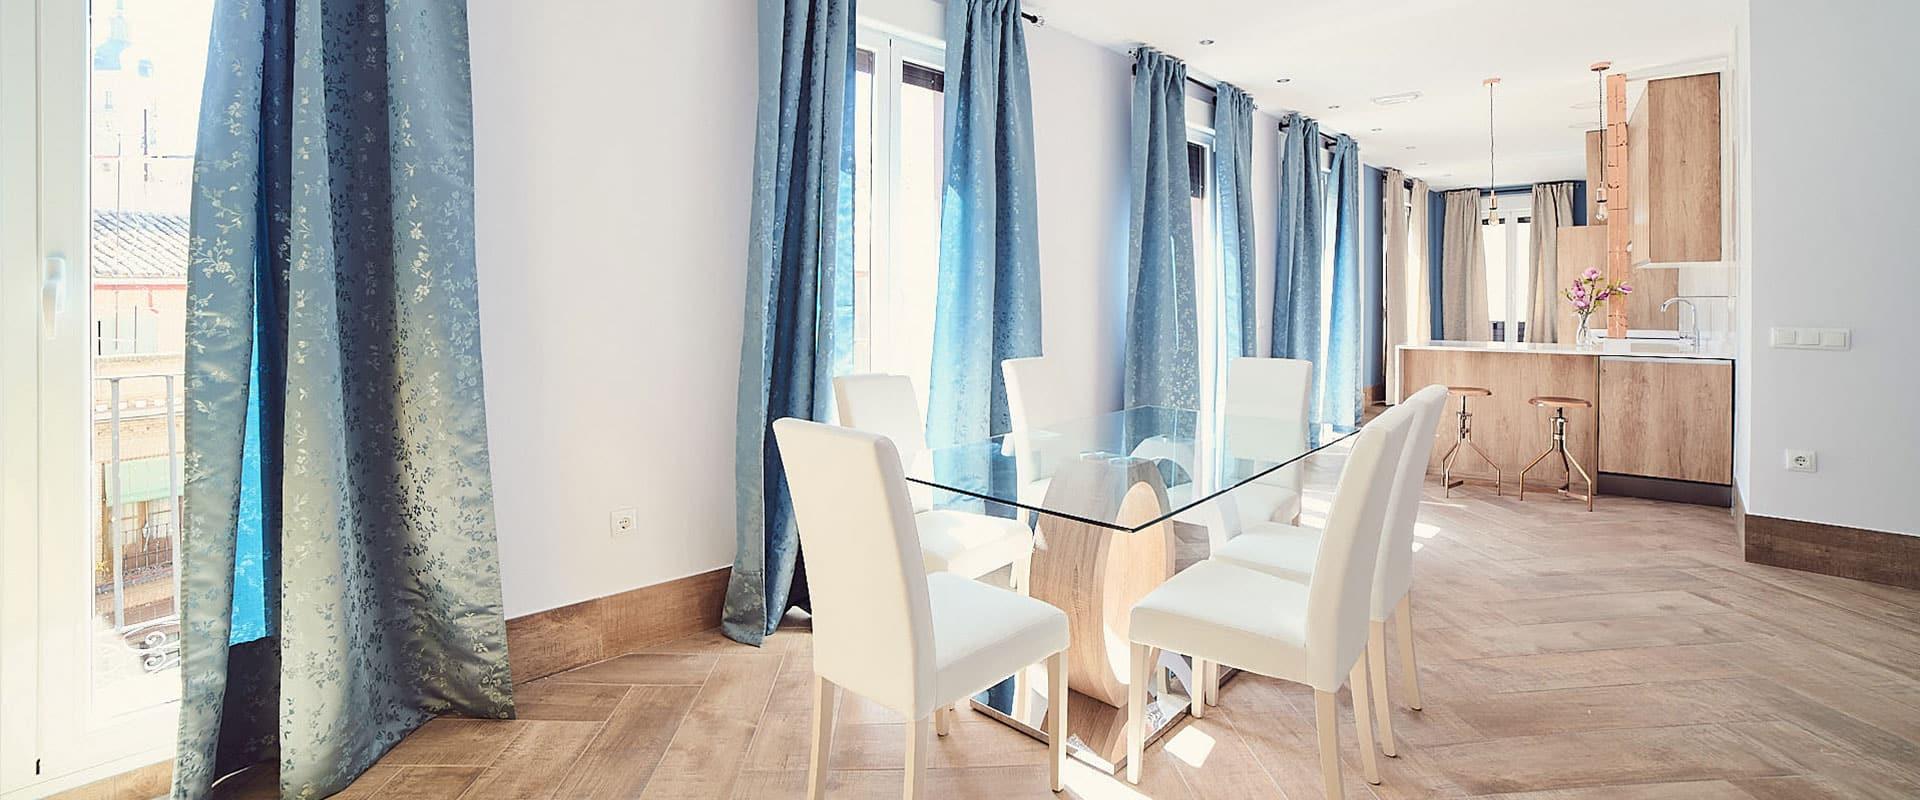 labalconadadetoledo 1 1 - Alojamiento para empresas en Toledo - Toledo Ap Alojamientos turísticos